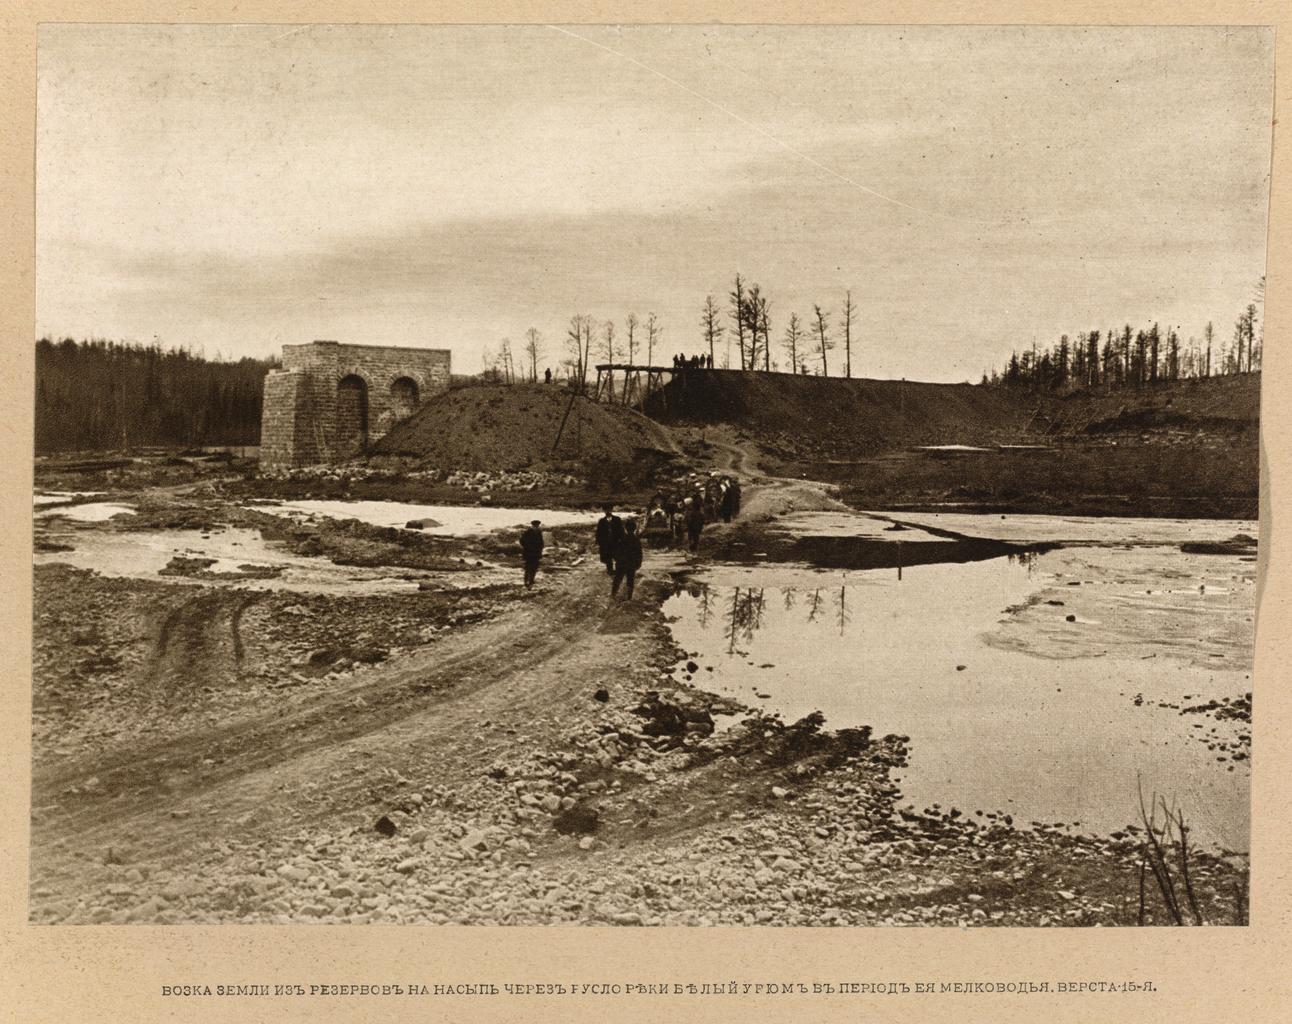 Верста 15. Возка земли из резервов на насыпь через русло реки Белый Урюм в период ее мелководья